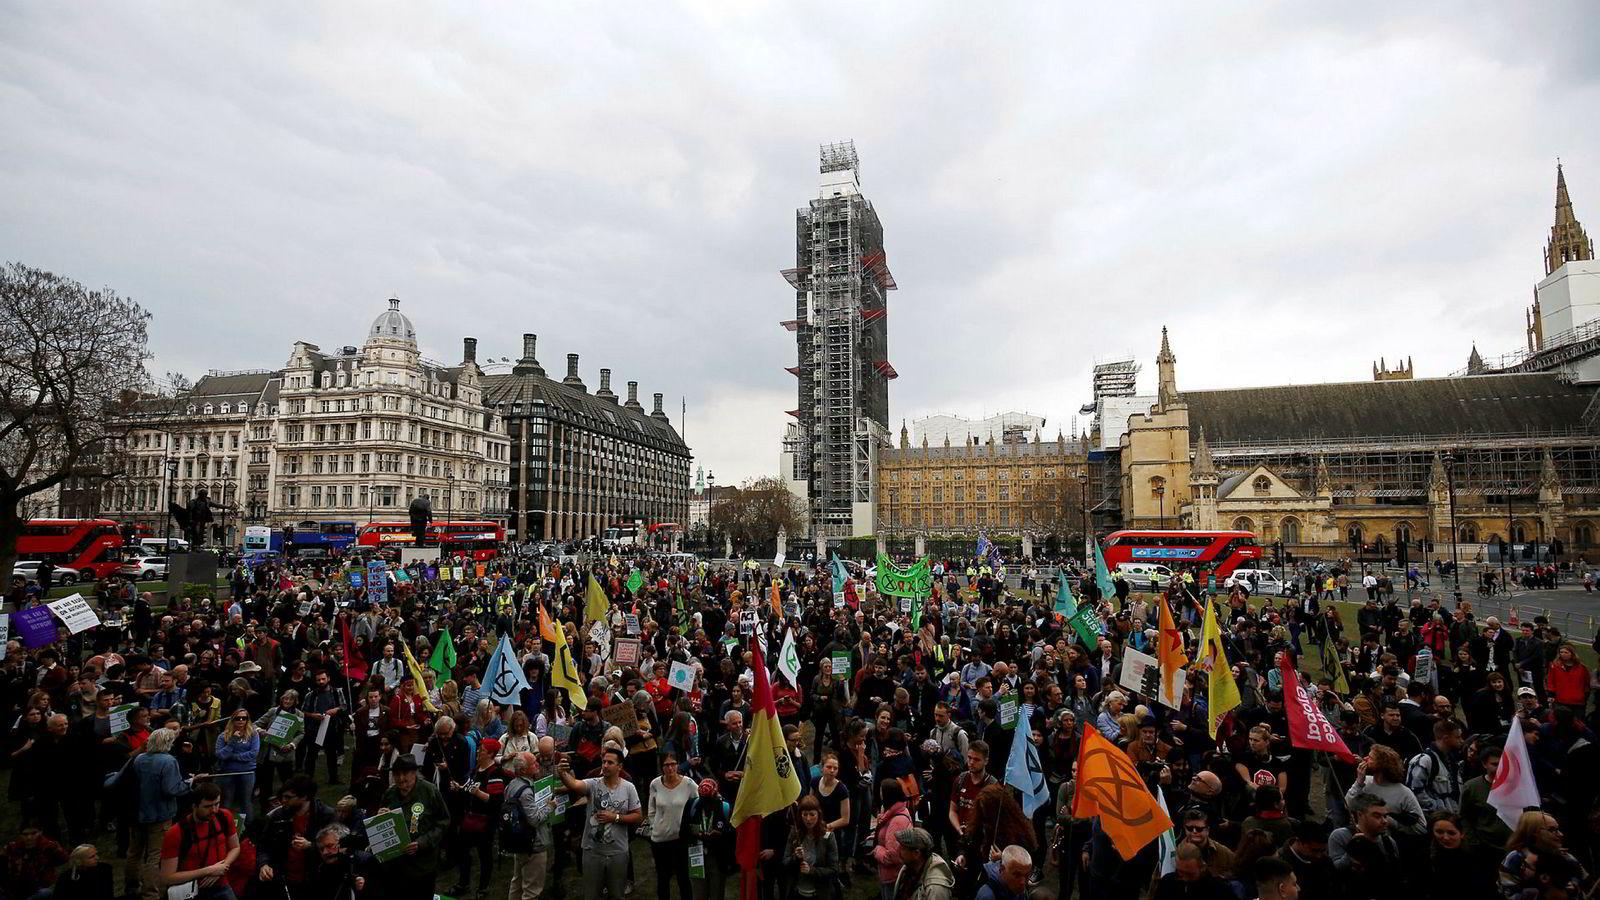 Etter uker med omfattende klimaprotester fra organisasjonen Extinction Rebellion erklærer parlamentet i Storbritannia «climate emergency».